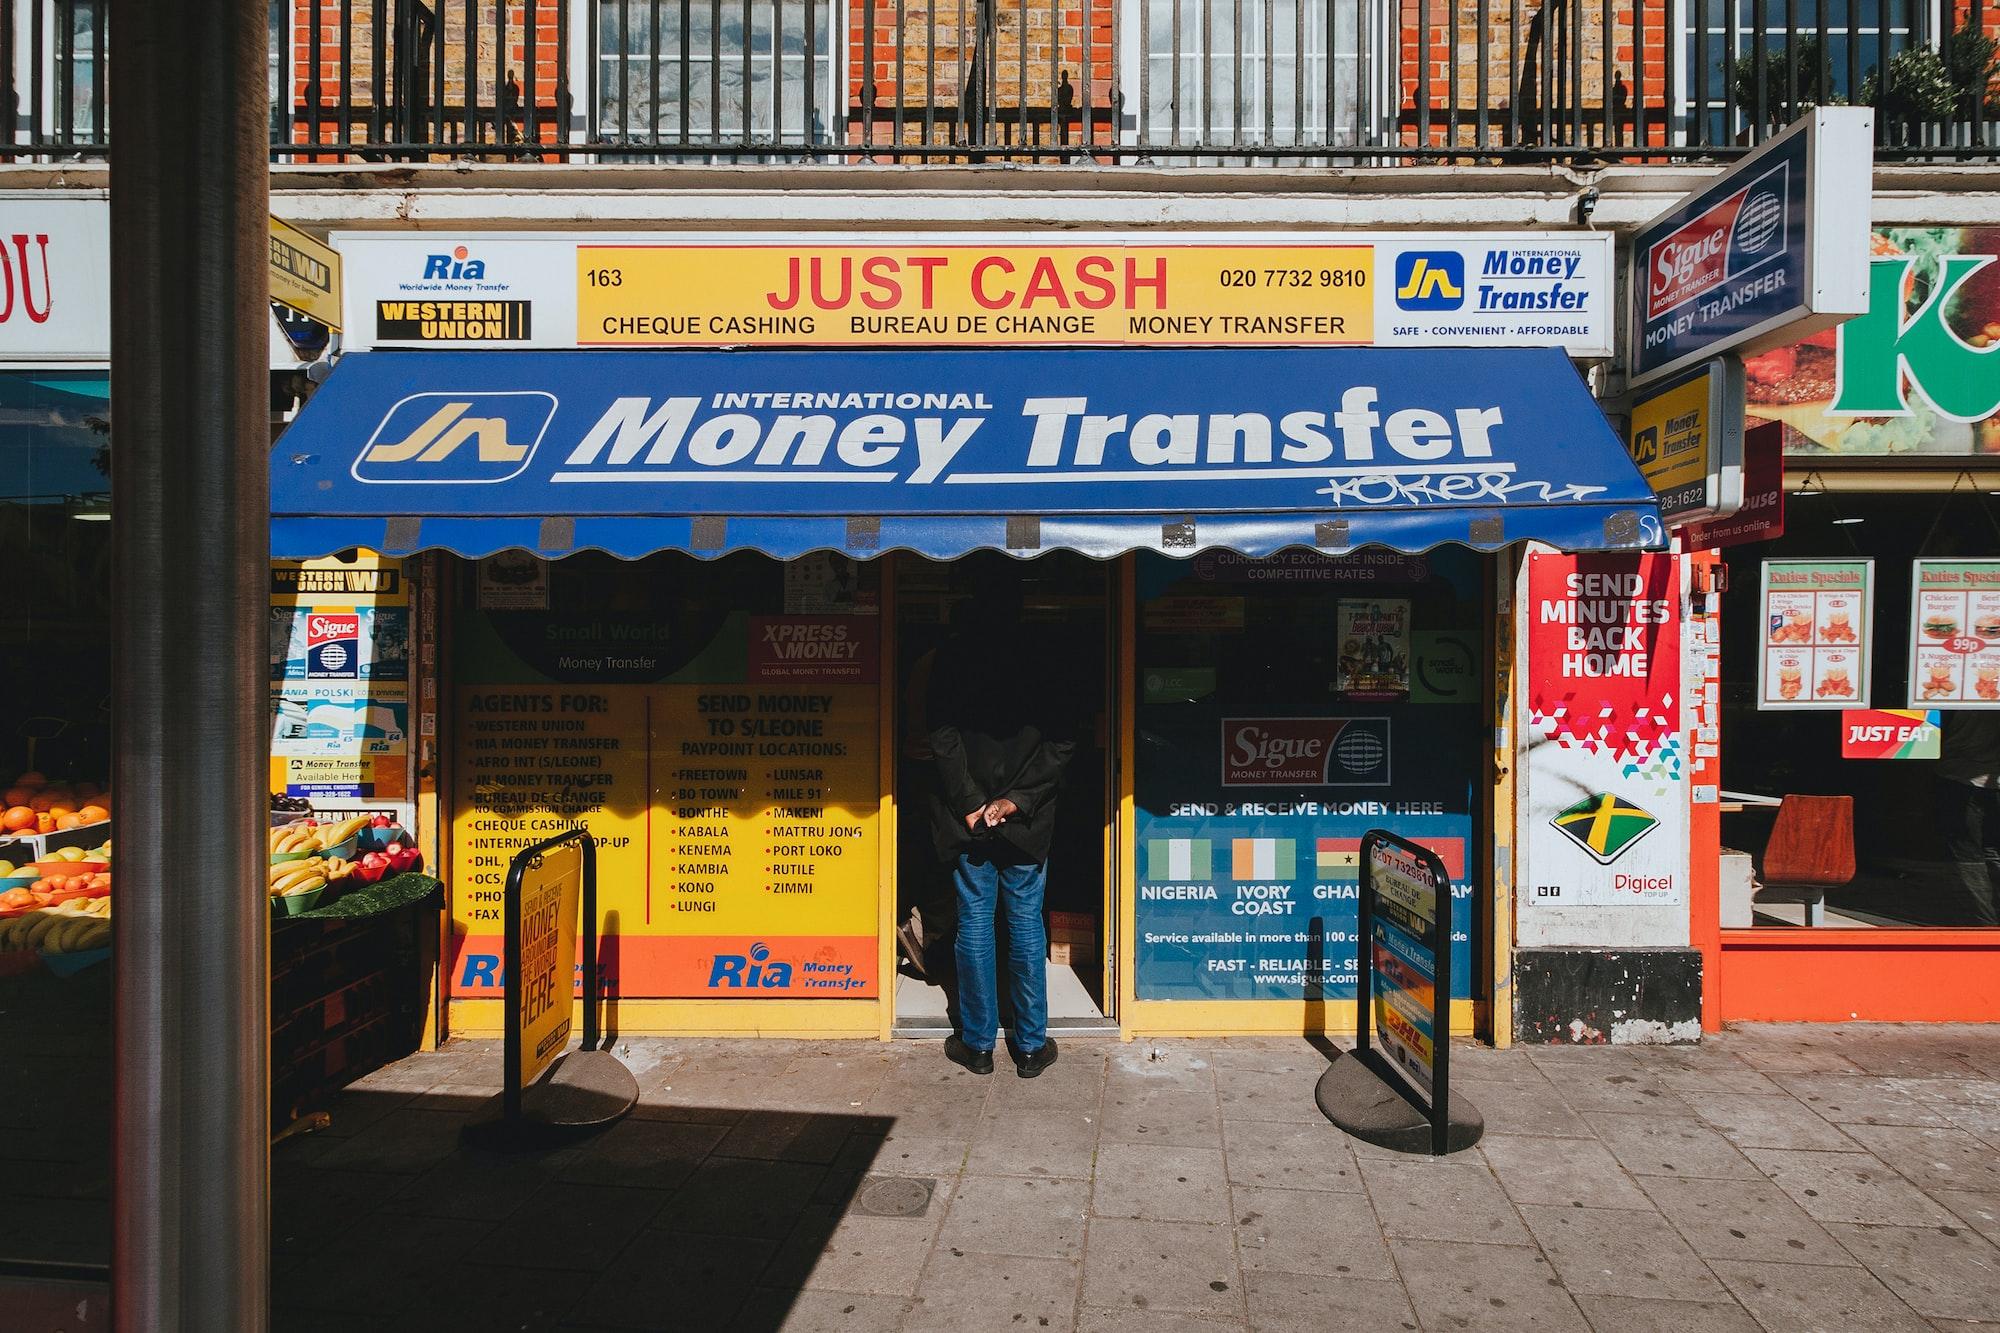 Cash pick-up